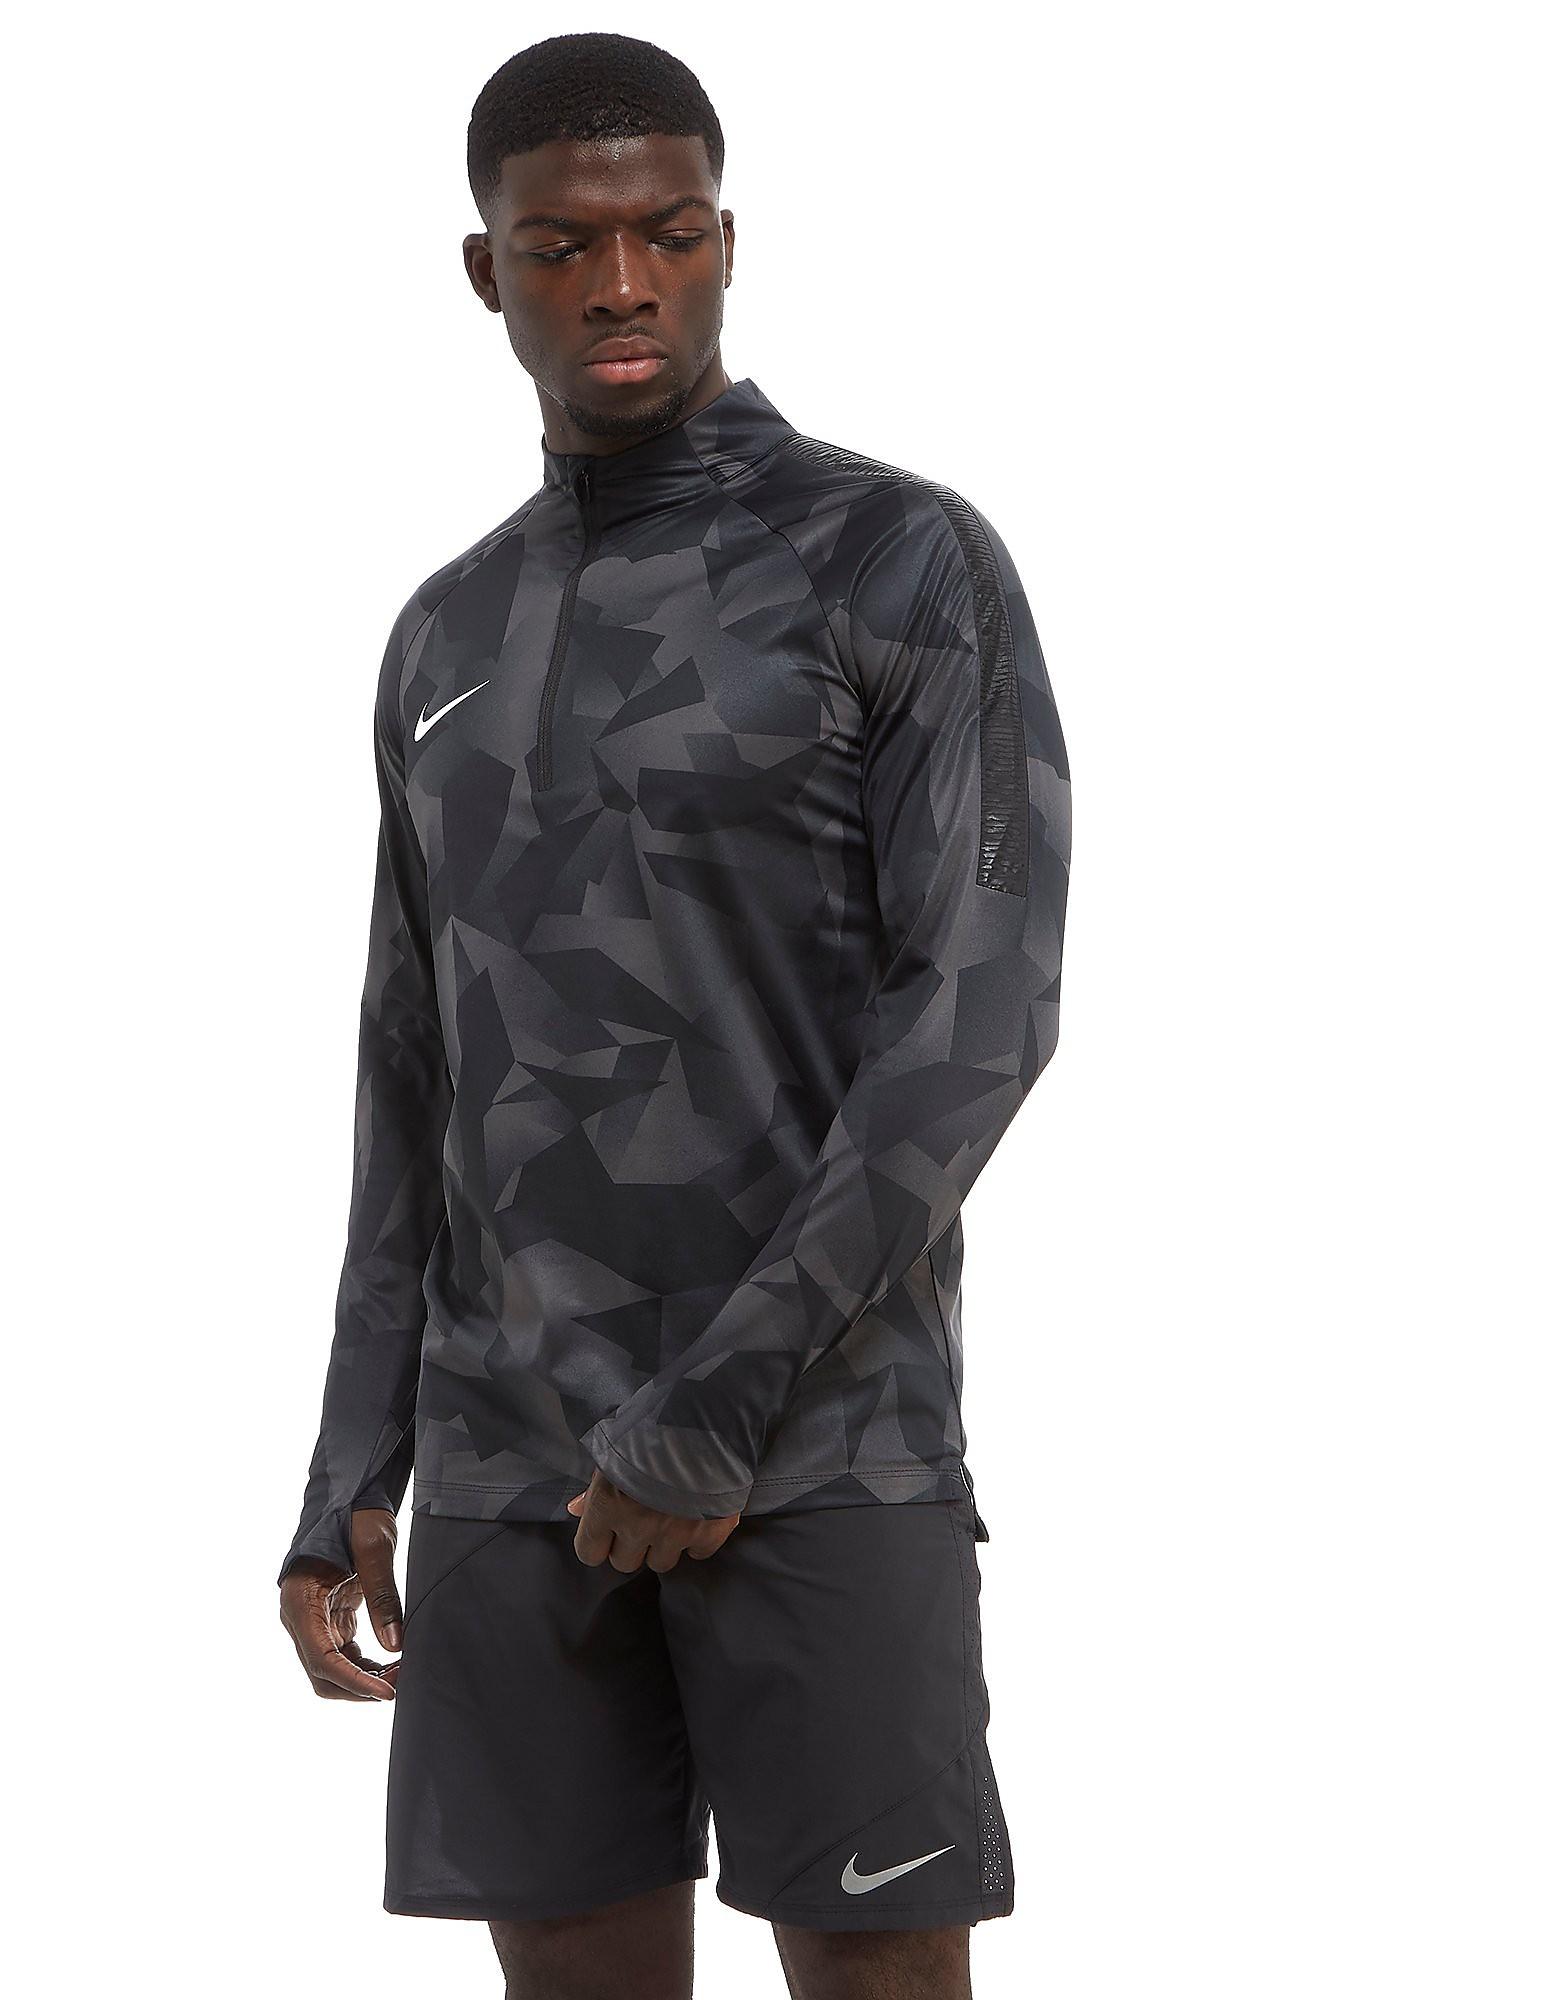 Nike Team AOP Übung Top